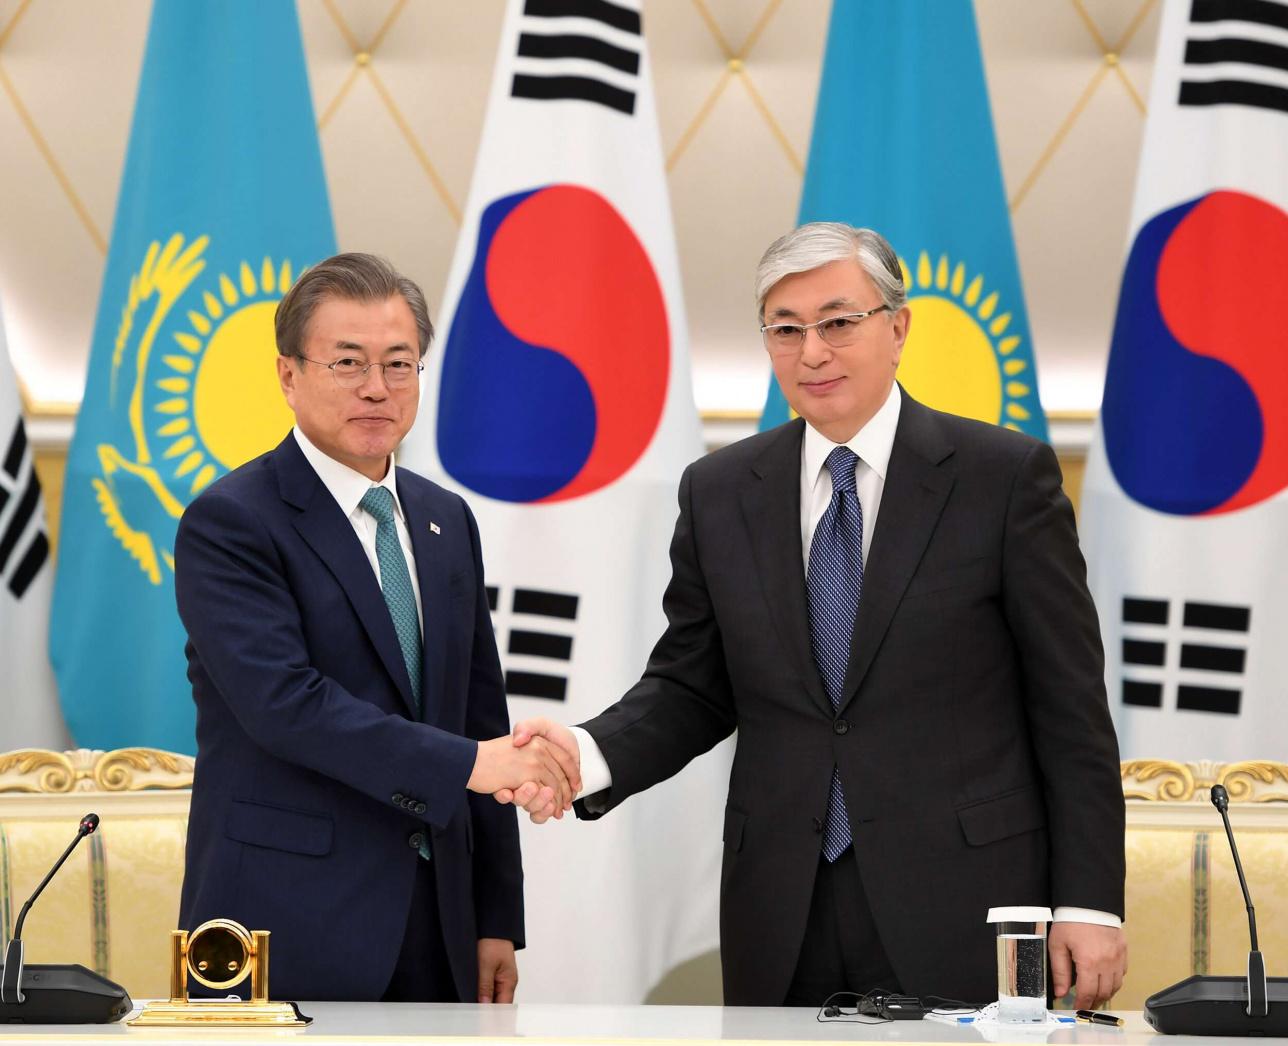 По итогам государственного визита главы Кореи в Казахстан были приняты и подписаны восемь документов